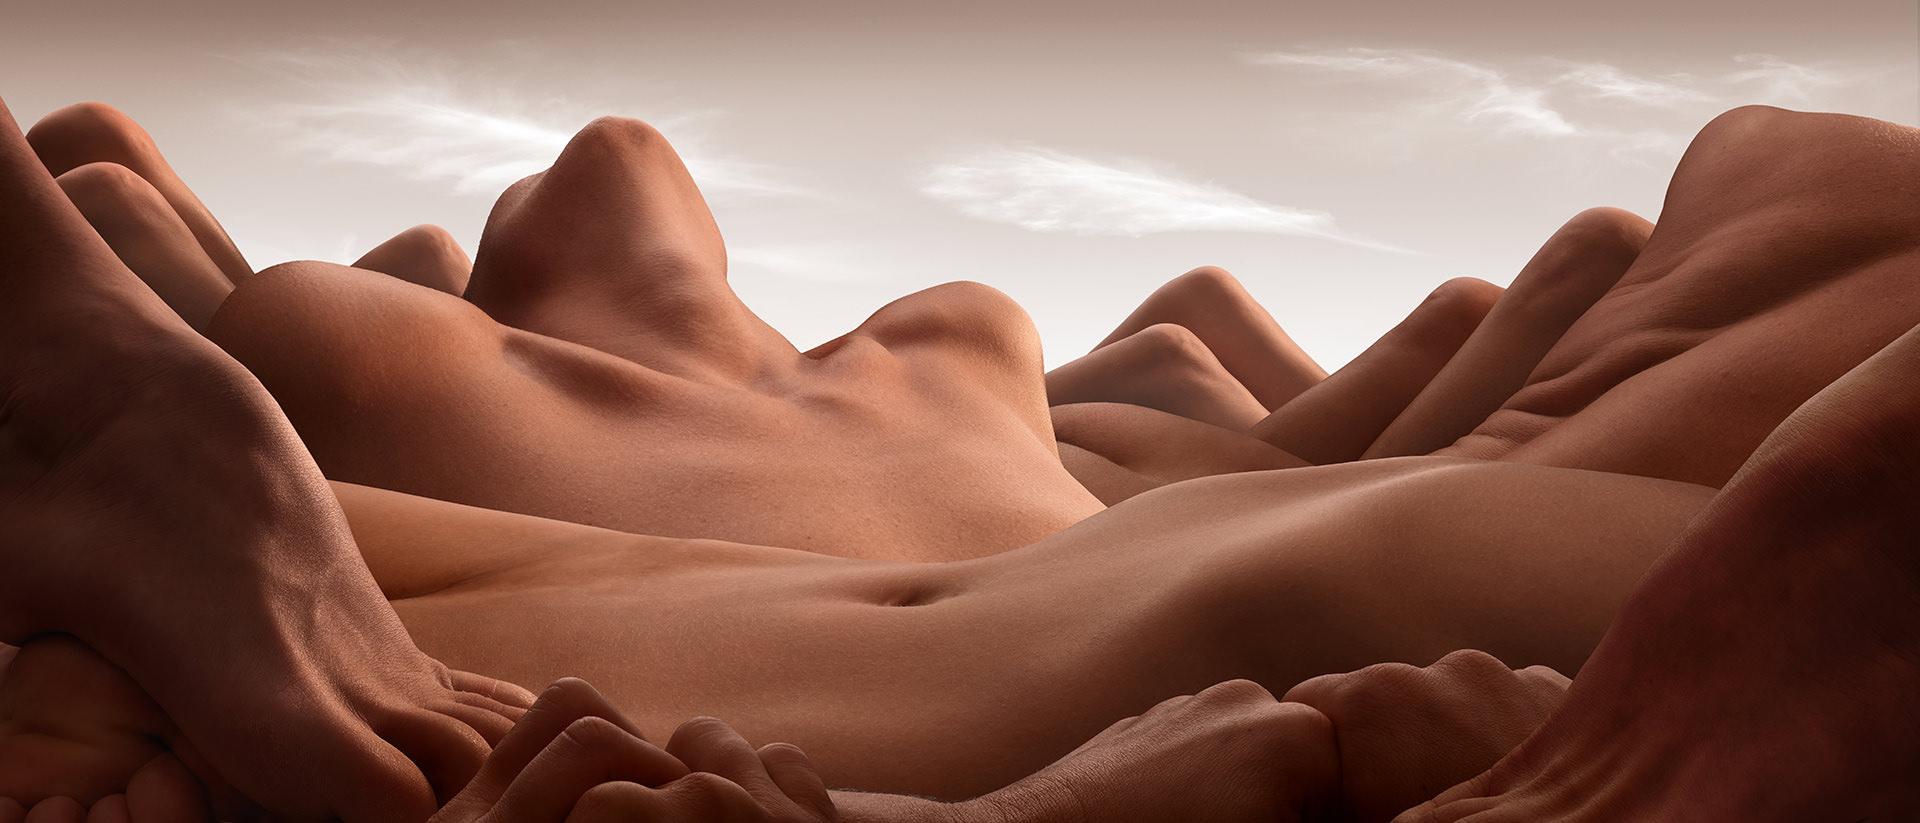 body landscape